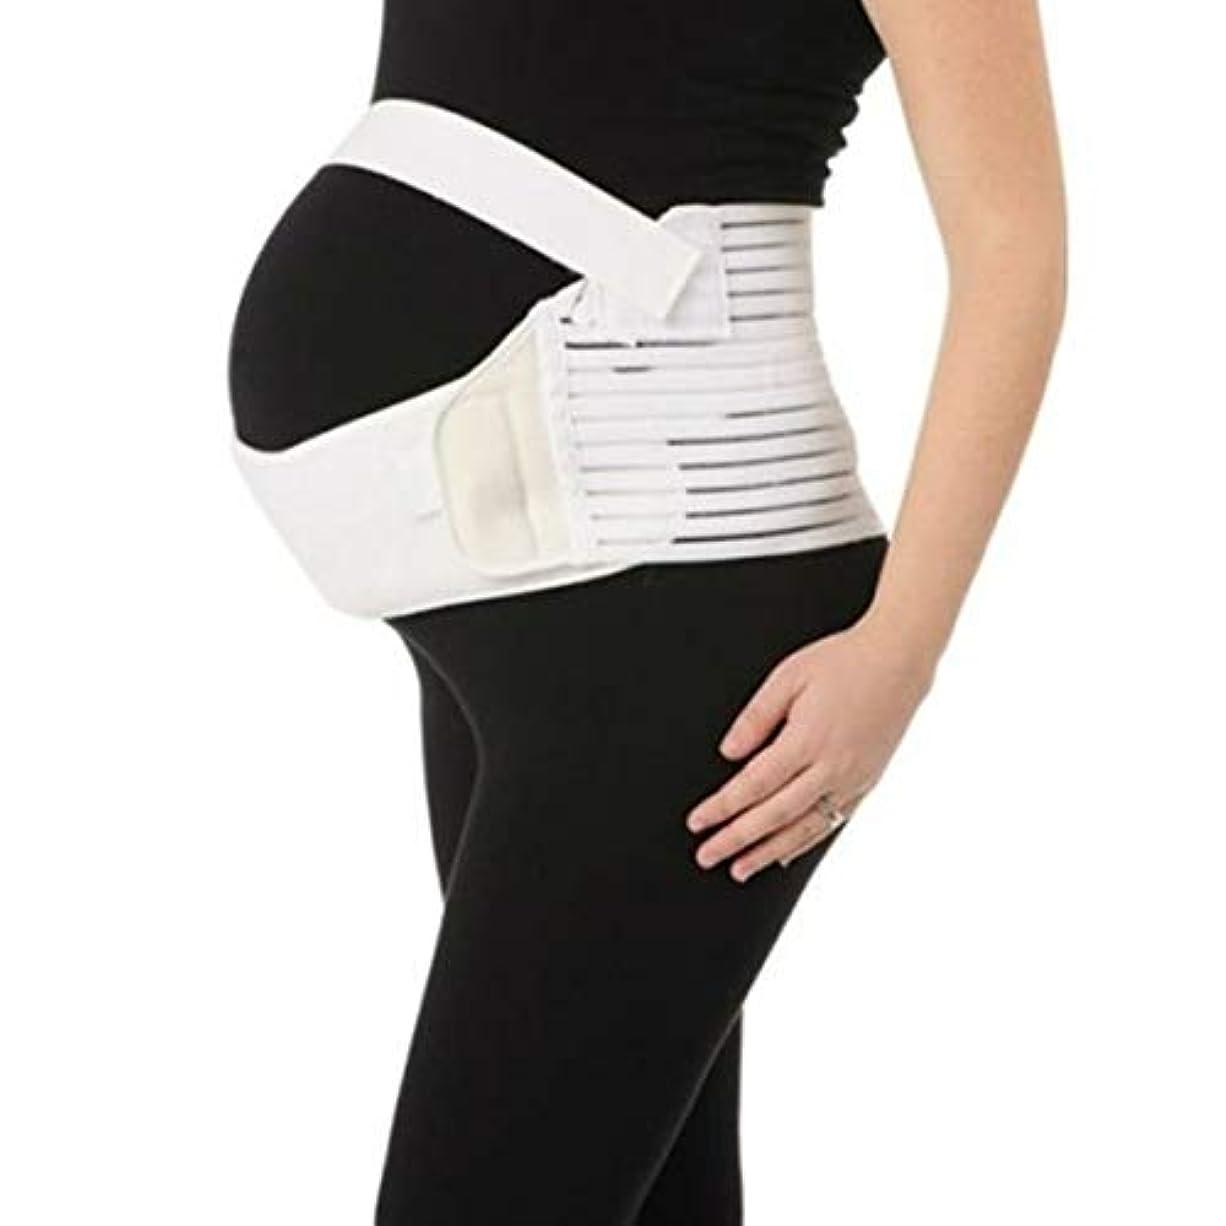 ラジエーター主張ラフ通気性産科ベルト妊娠腹部サポート腹部バインダーガードル運動包帯産後の回復形状ウェア - ホワイトM